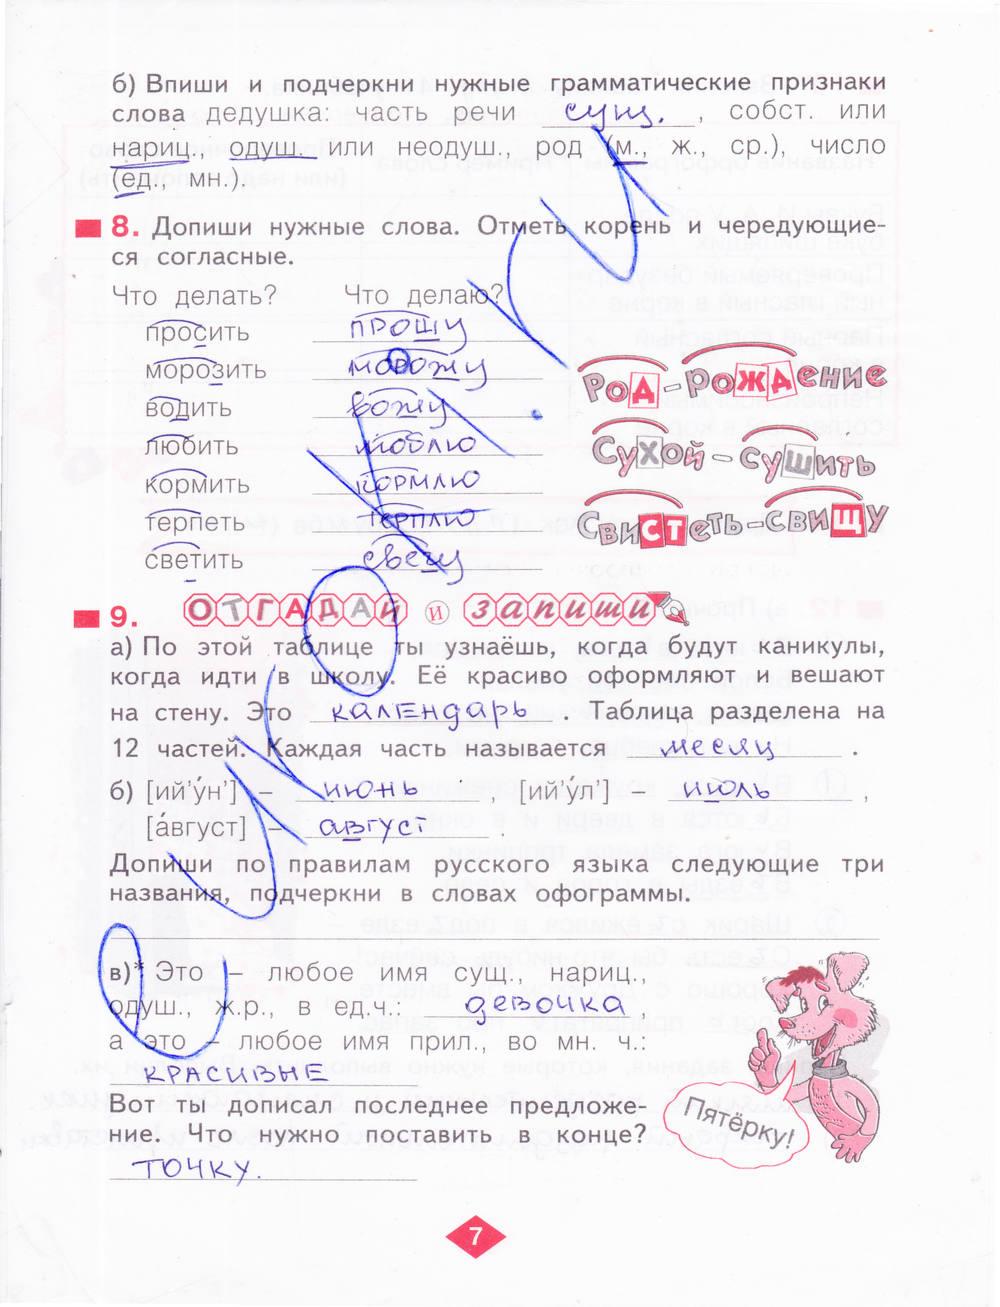 Гдз по русскому 7 класс воскресенская